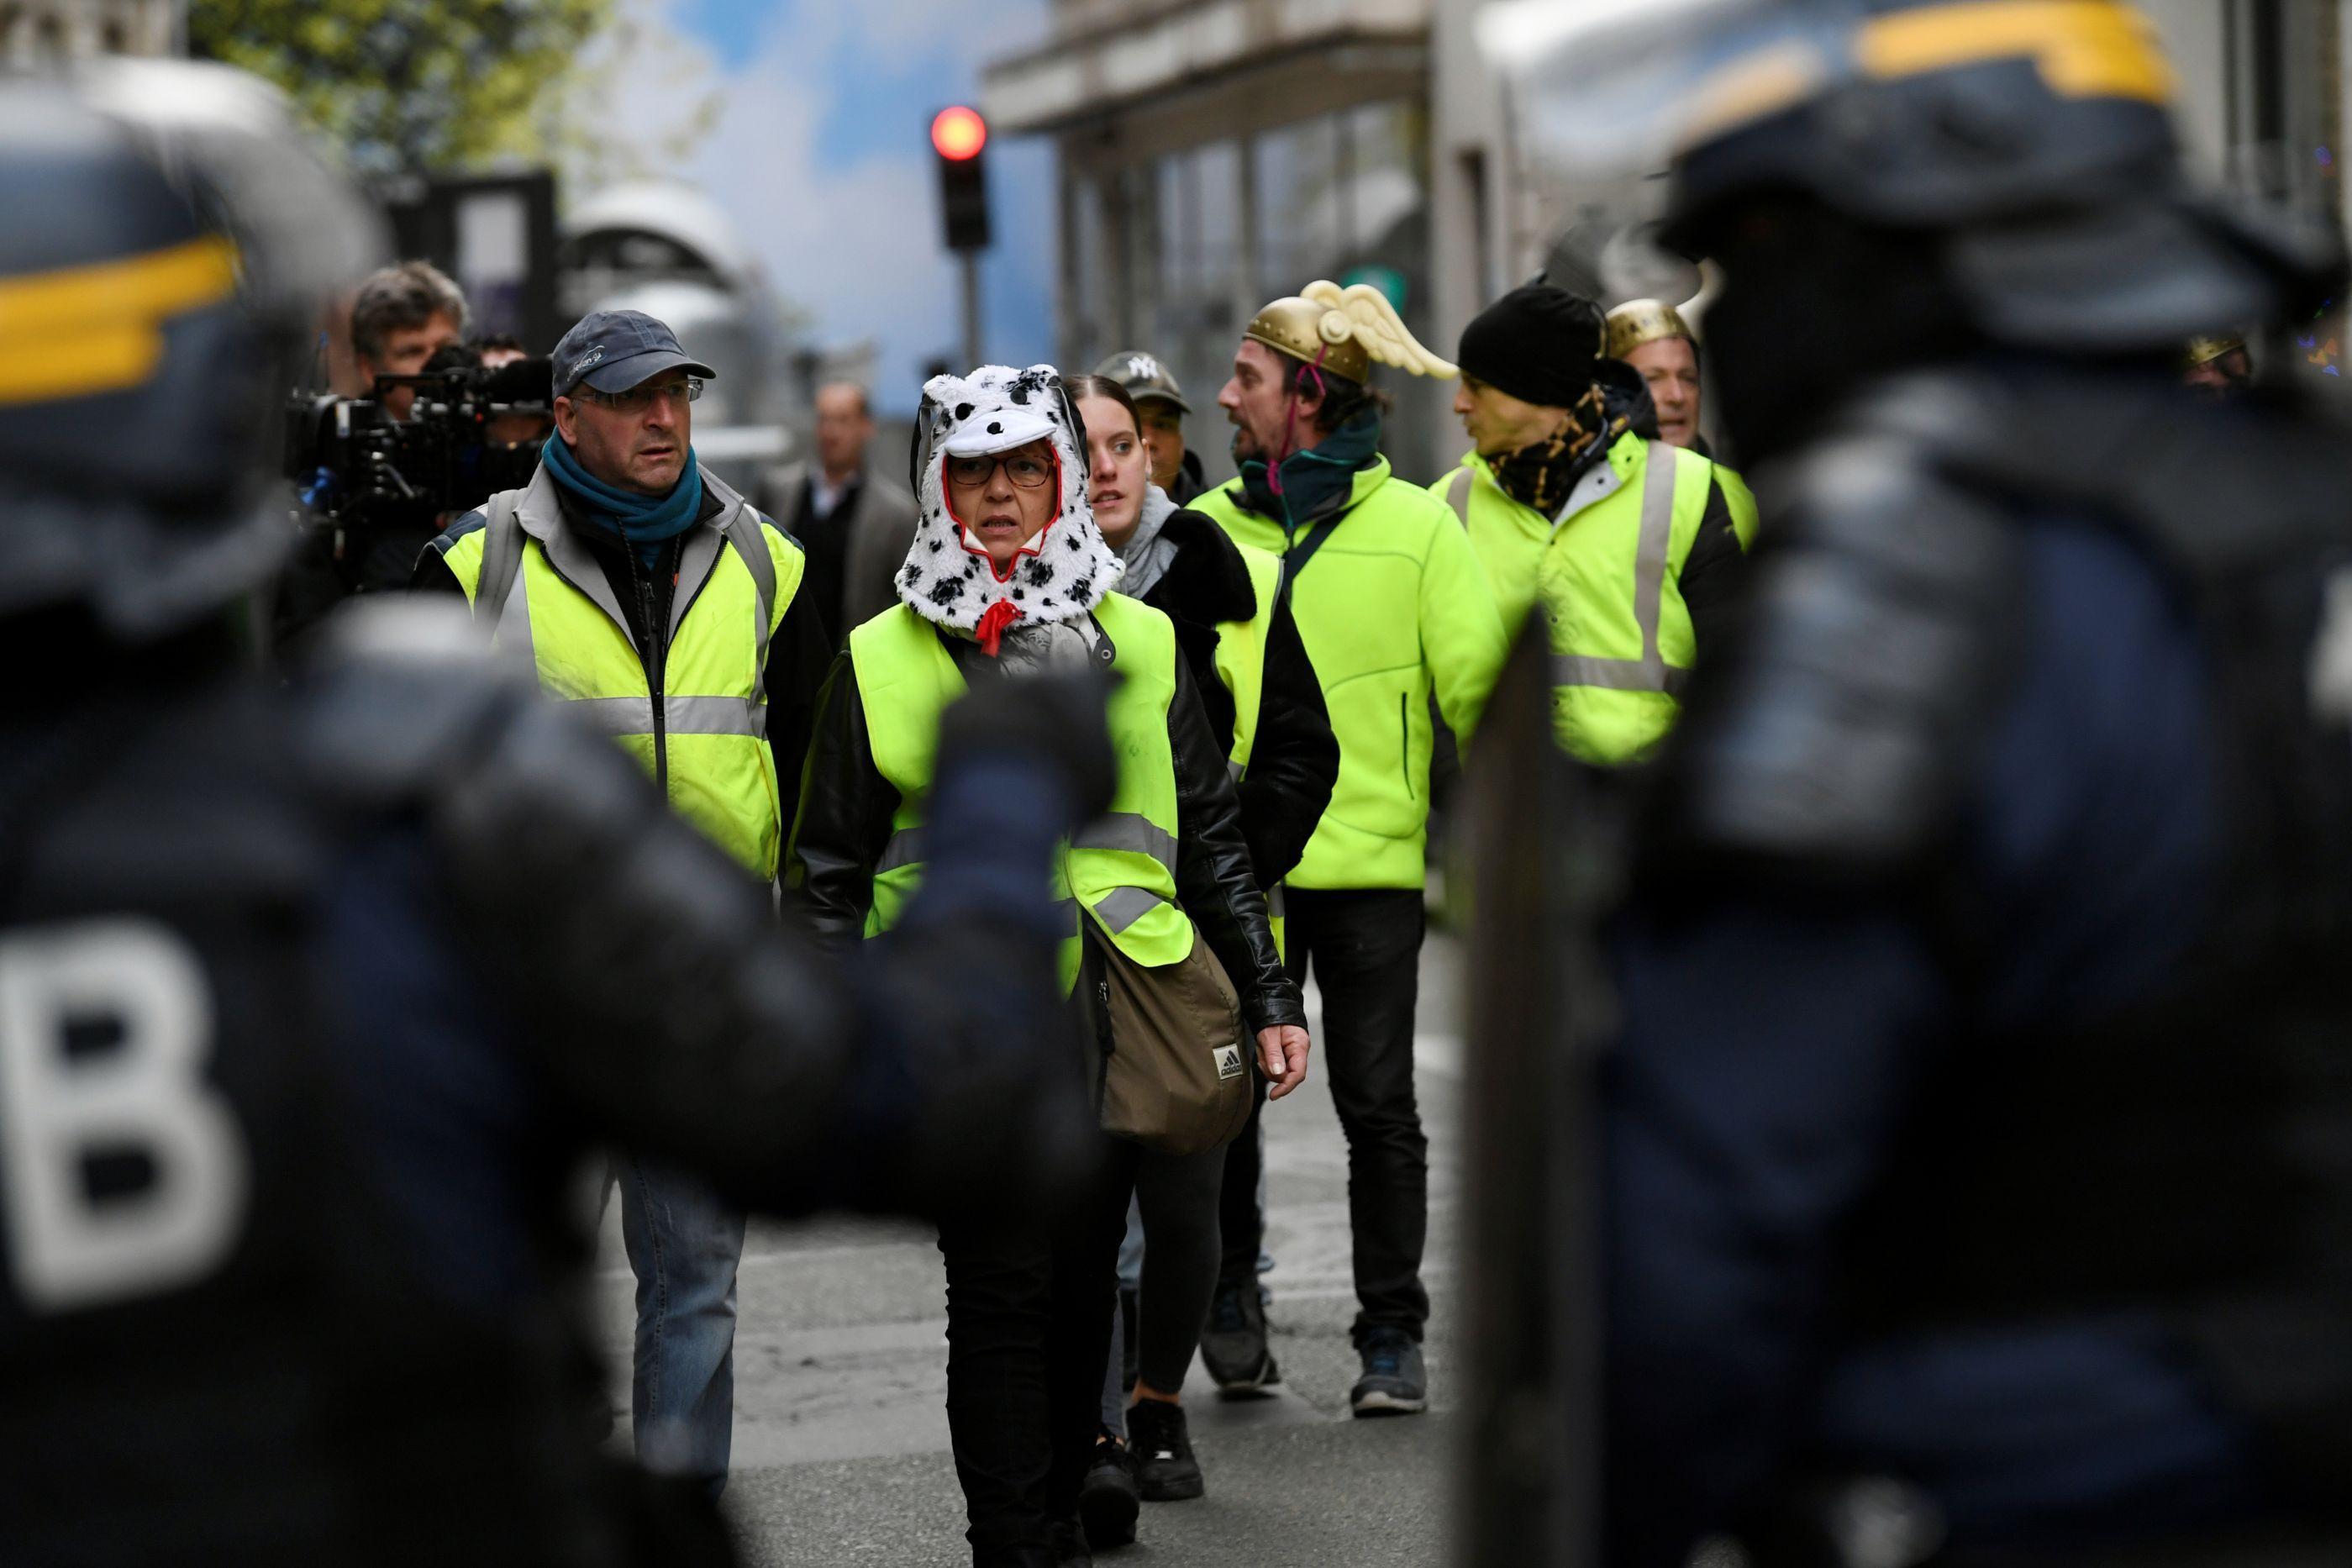 Coletes amarelos: Protestos previstos para hoje colocam polícia em alerta